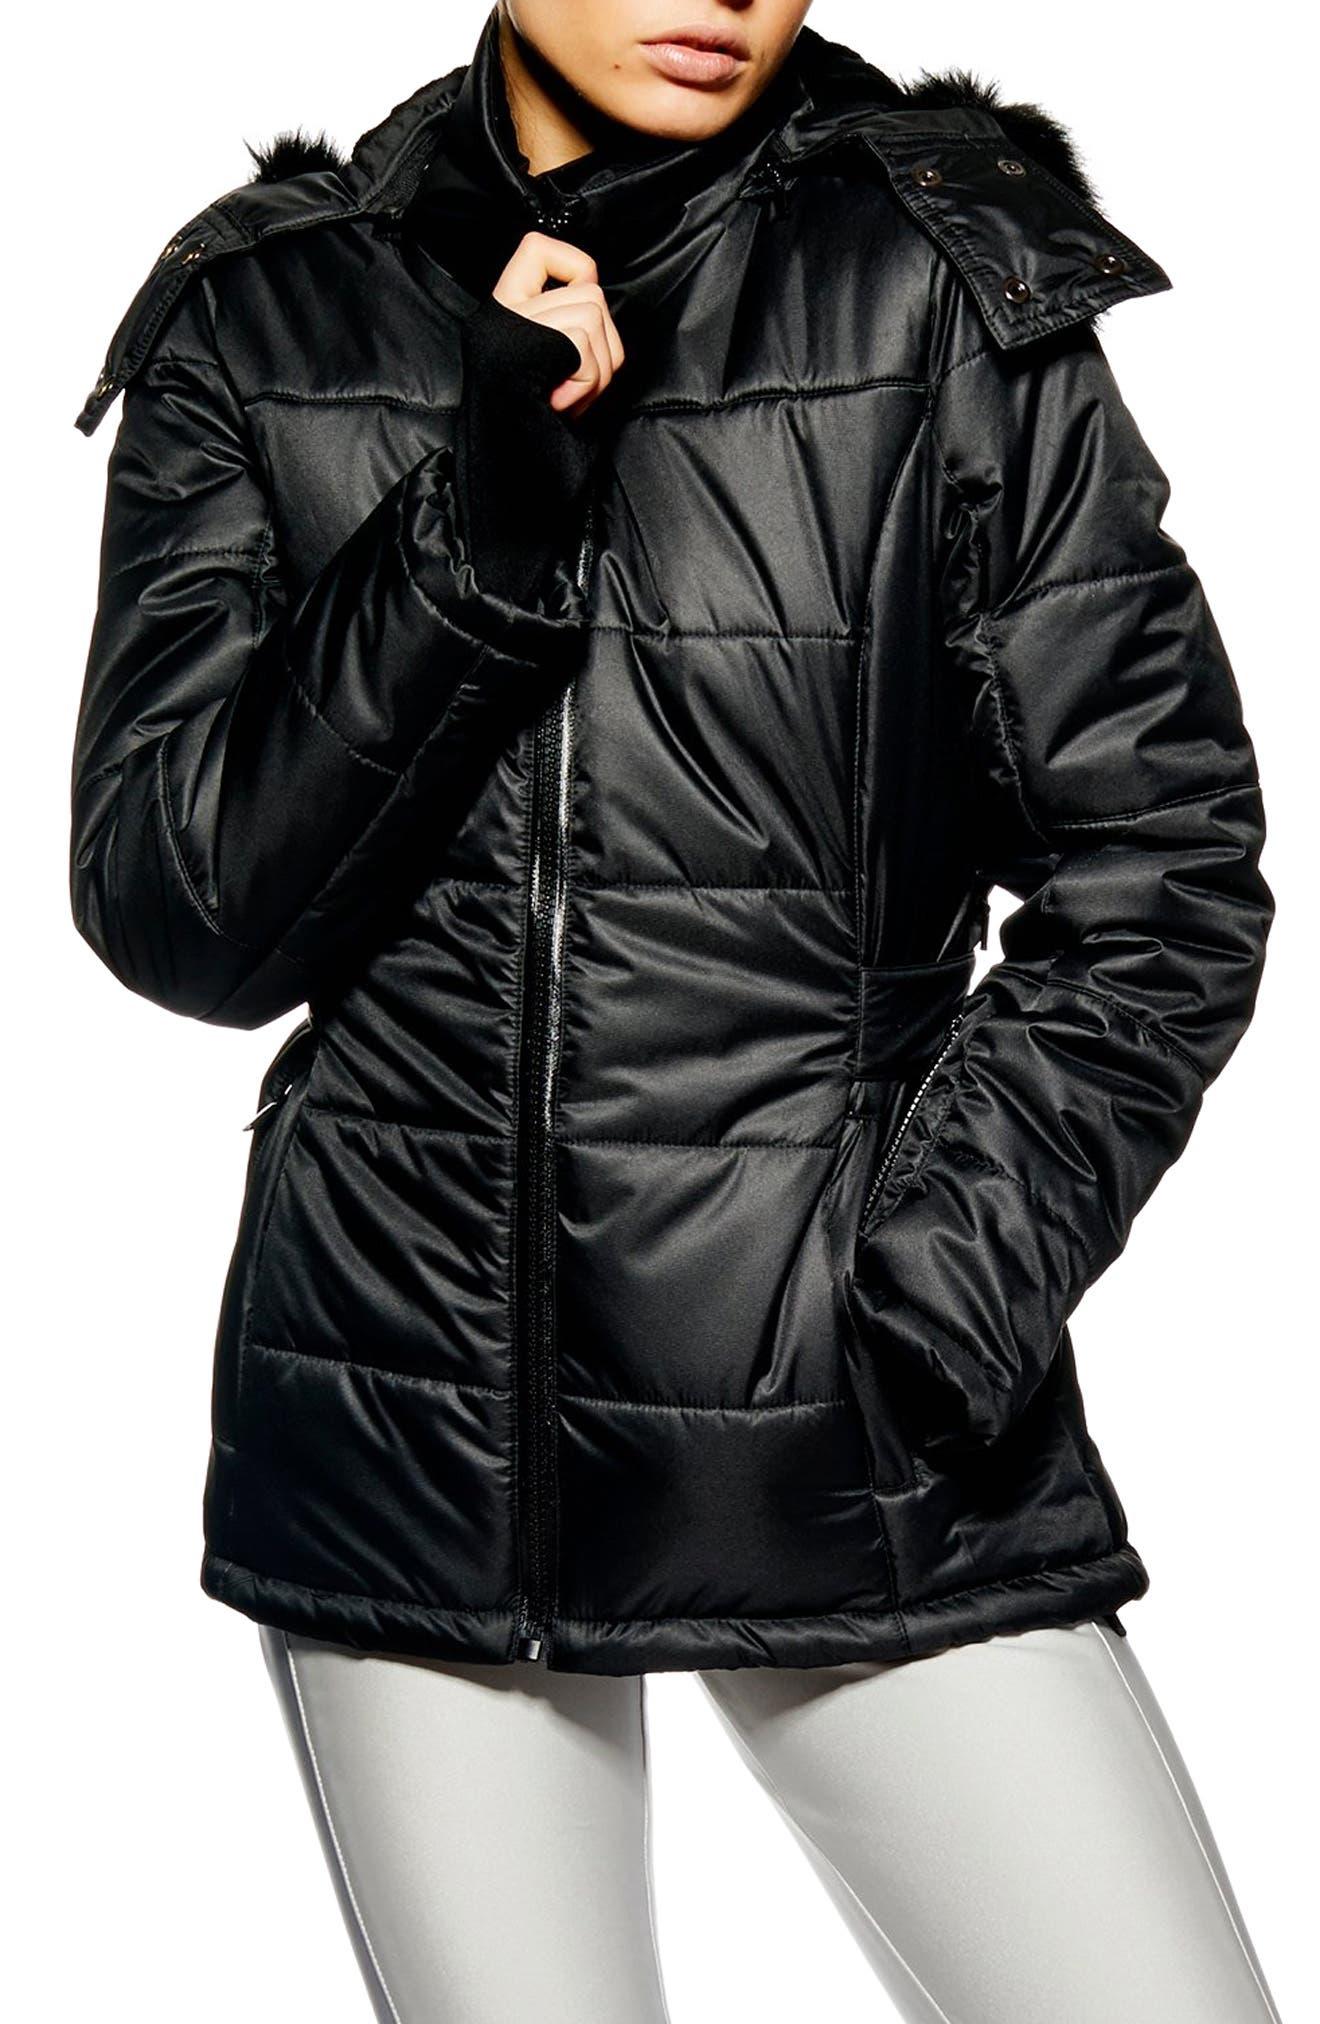 Sno Baby Ski Jacket,                             Main thumbnail 1, color,                             BLACK